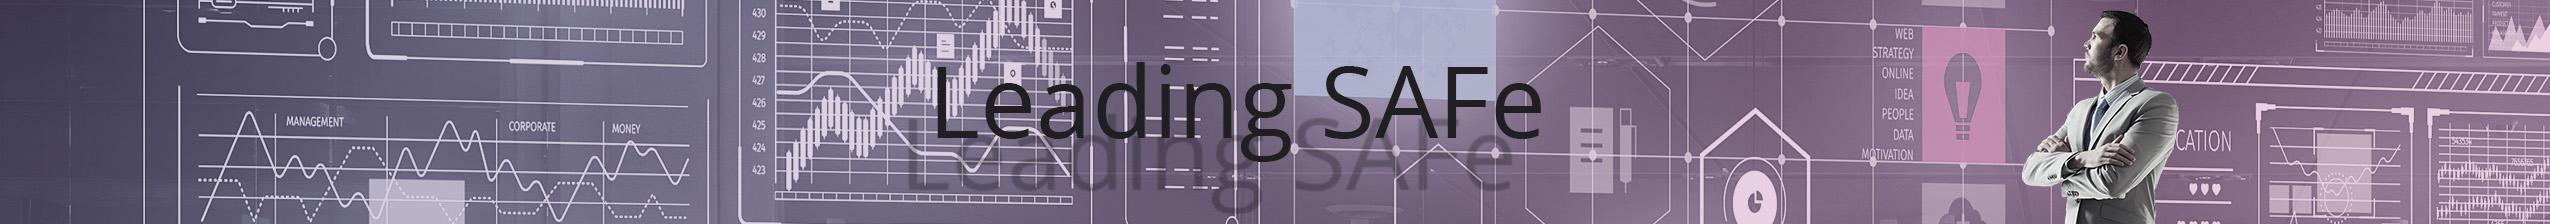 Leading SAFe training